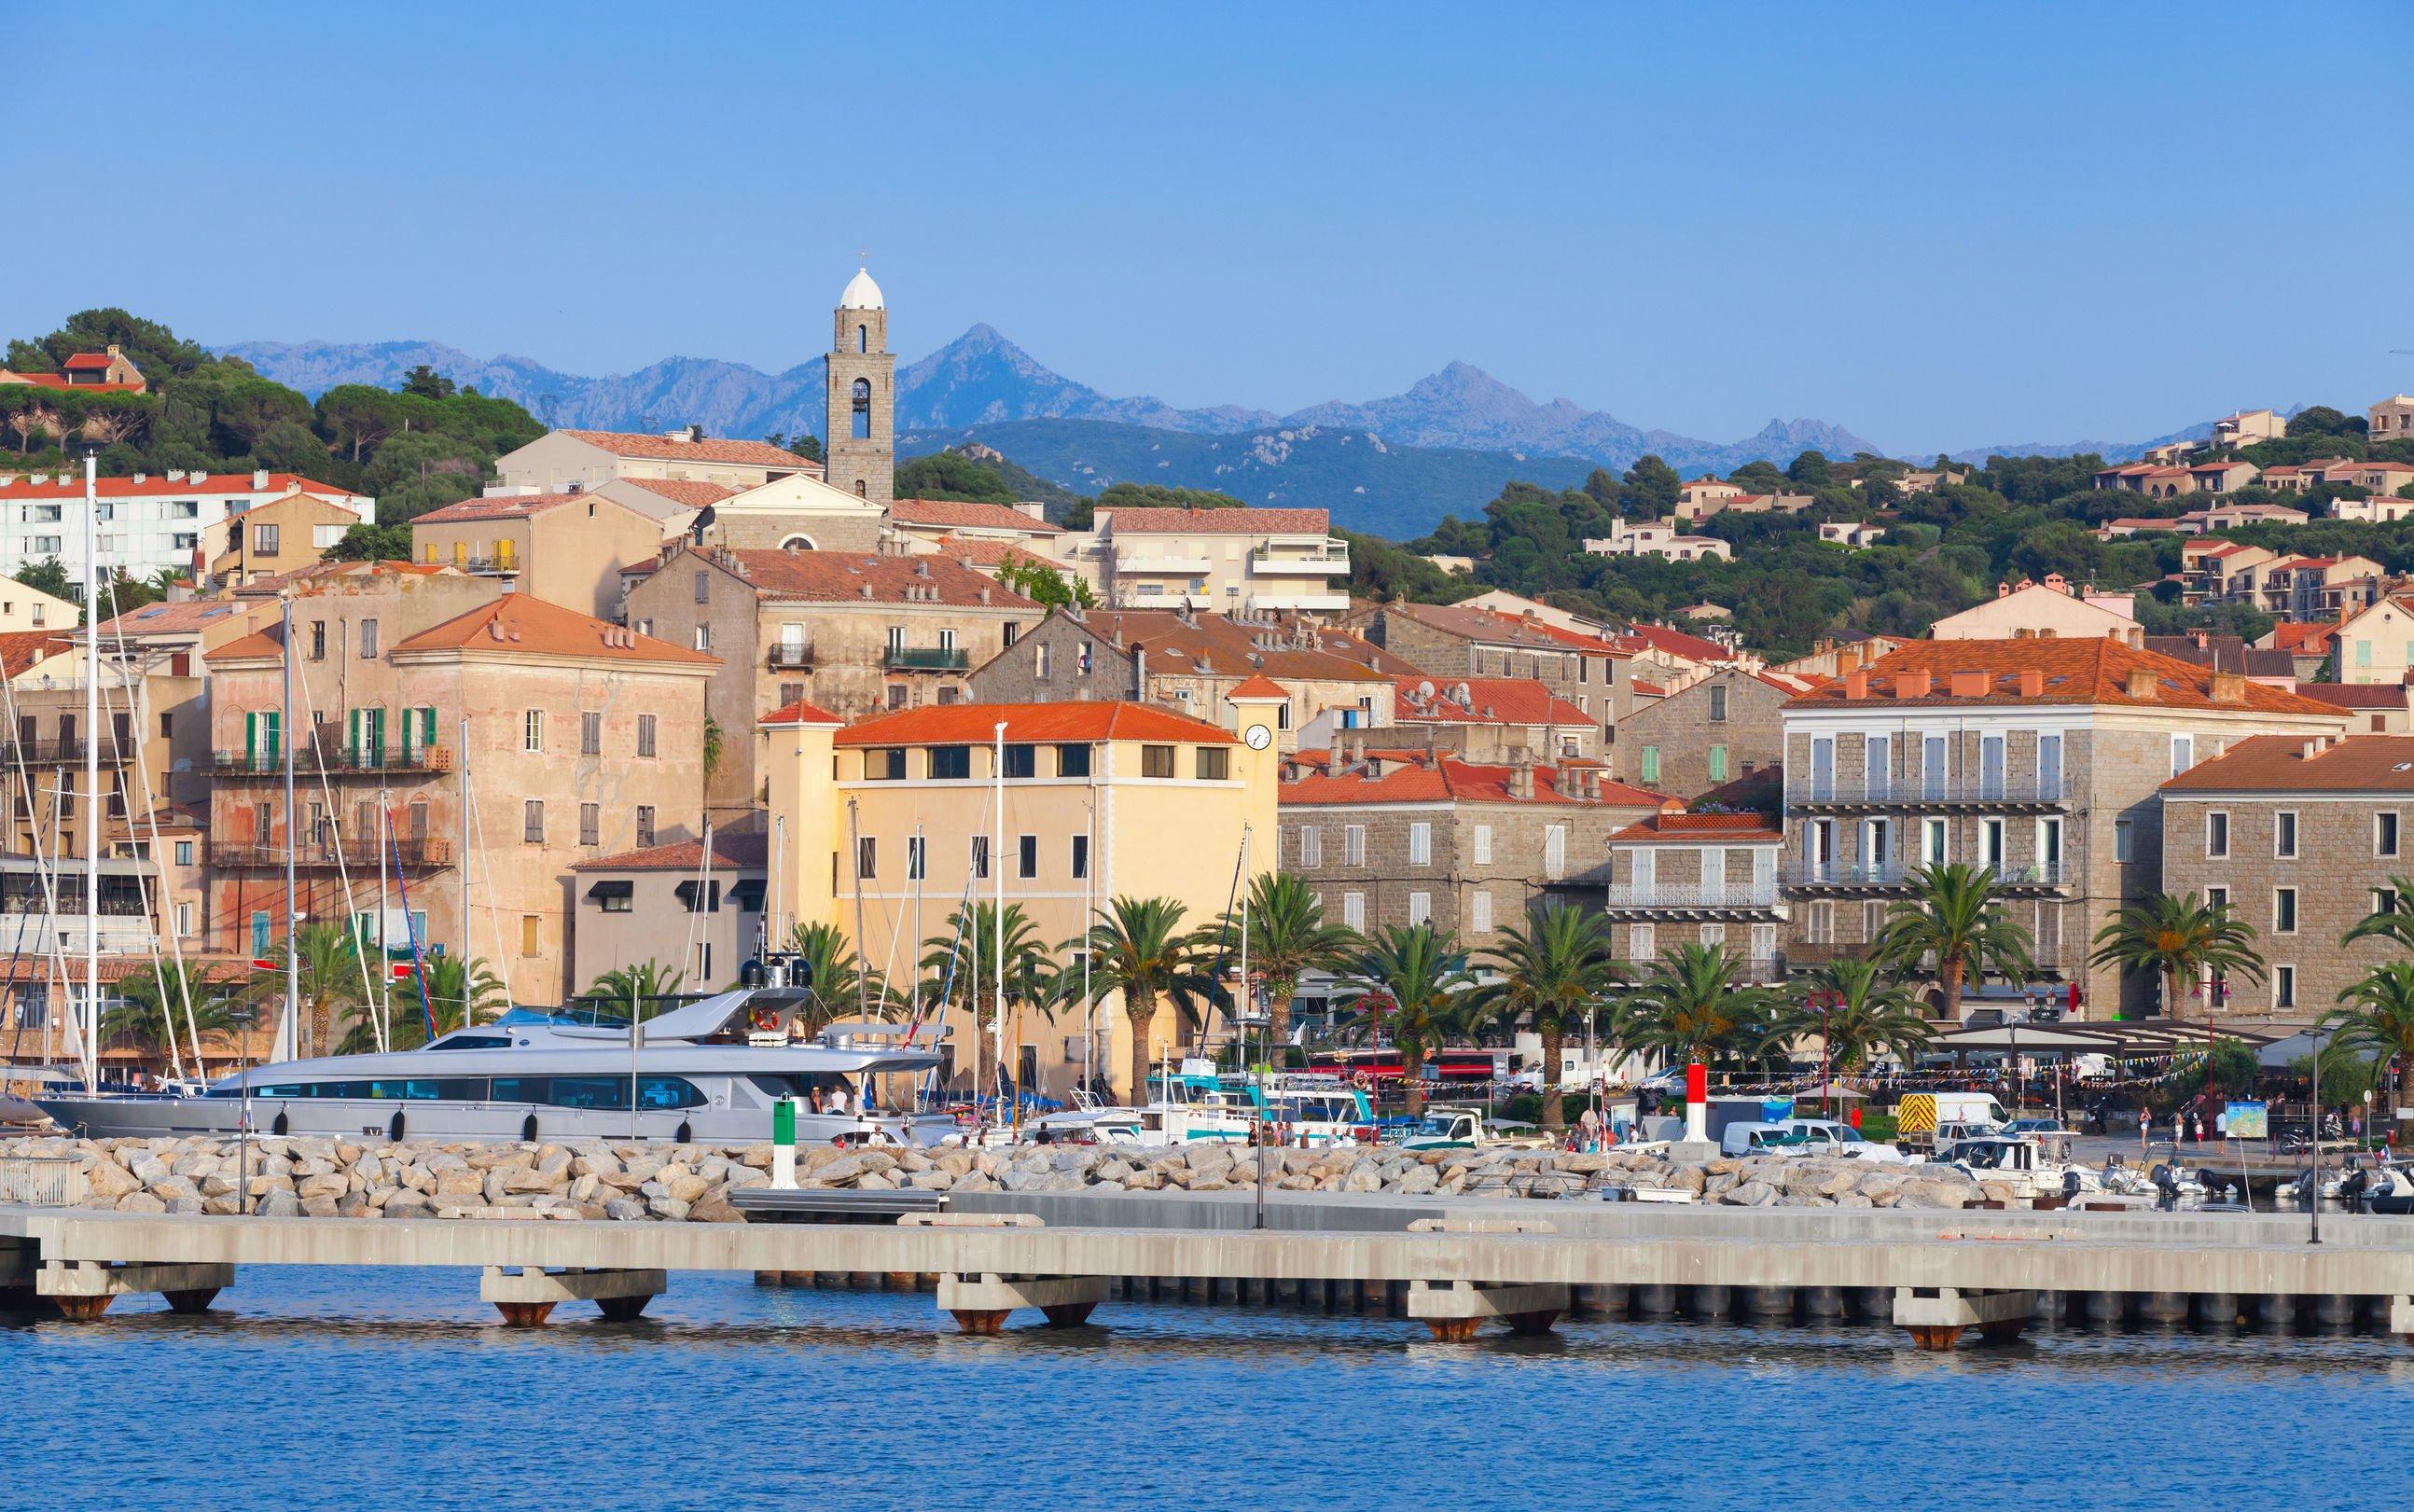 Port de Propriano, sud de la Corse, France